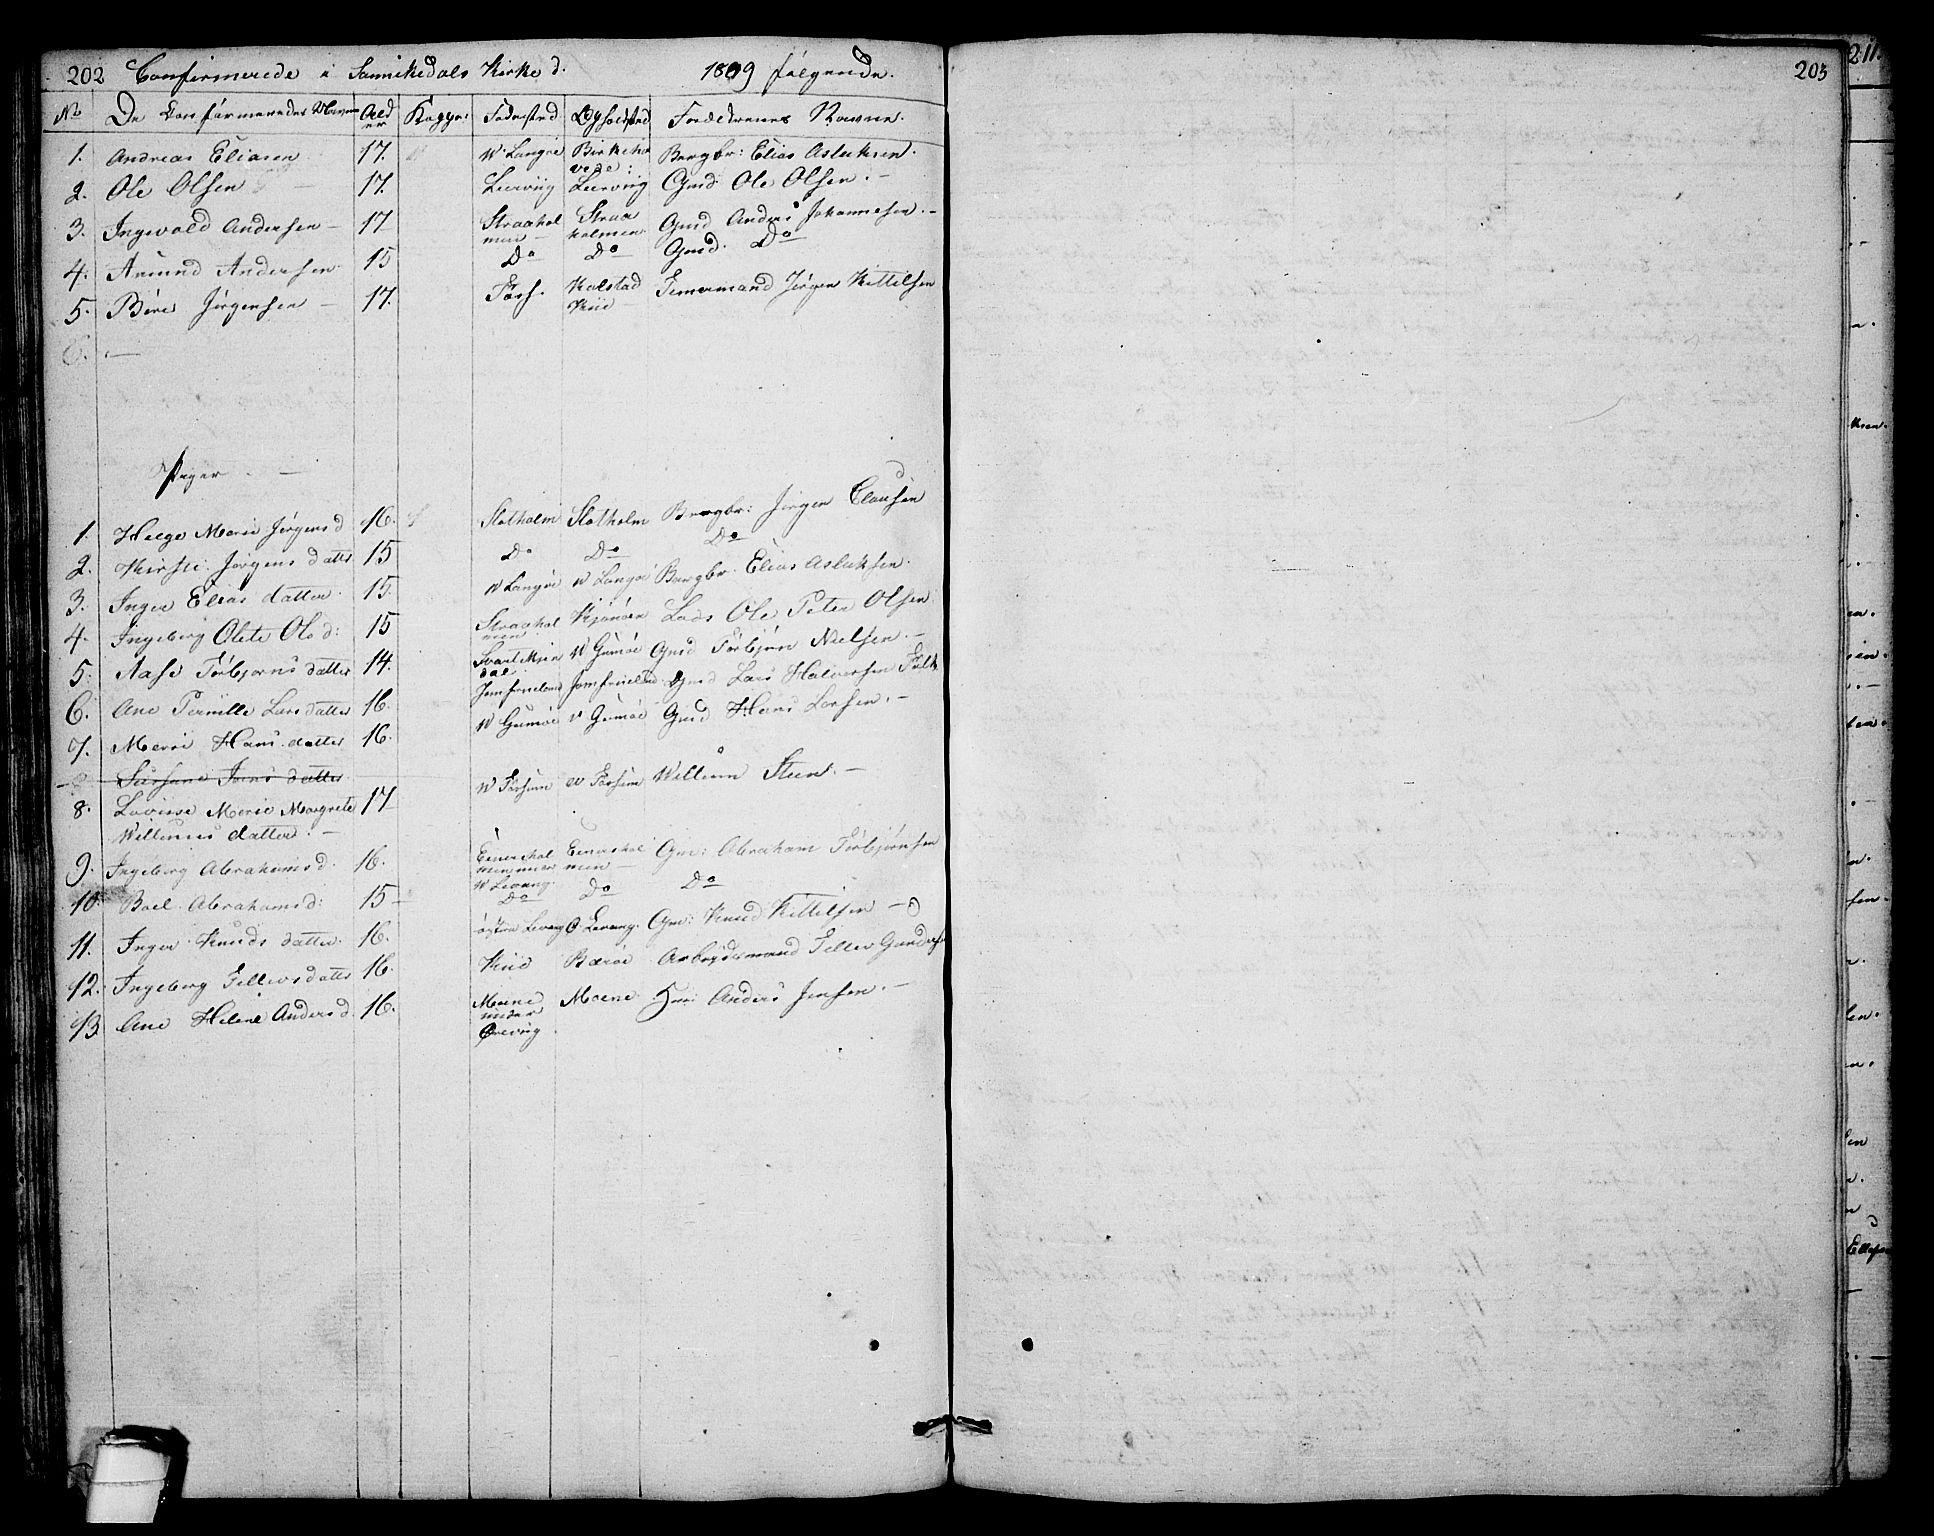 SAKO, Sannidal kirkebøker, F/Fa/L0003: Ministerialbok nr. 3, 1803-1813, s. 202-203